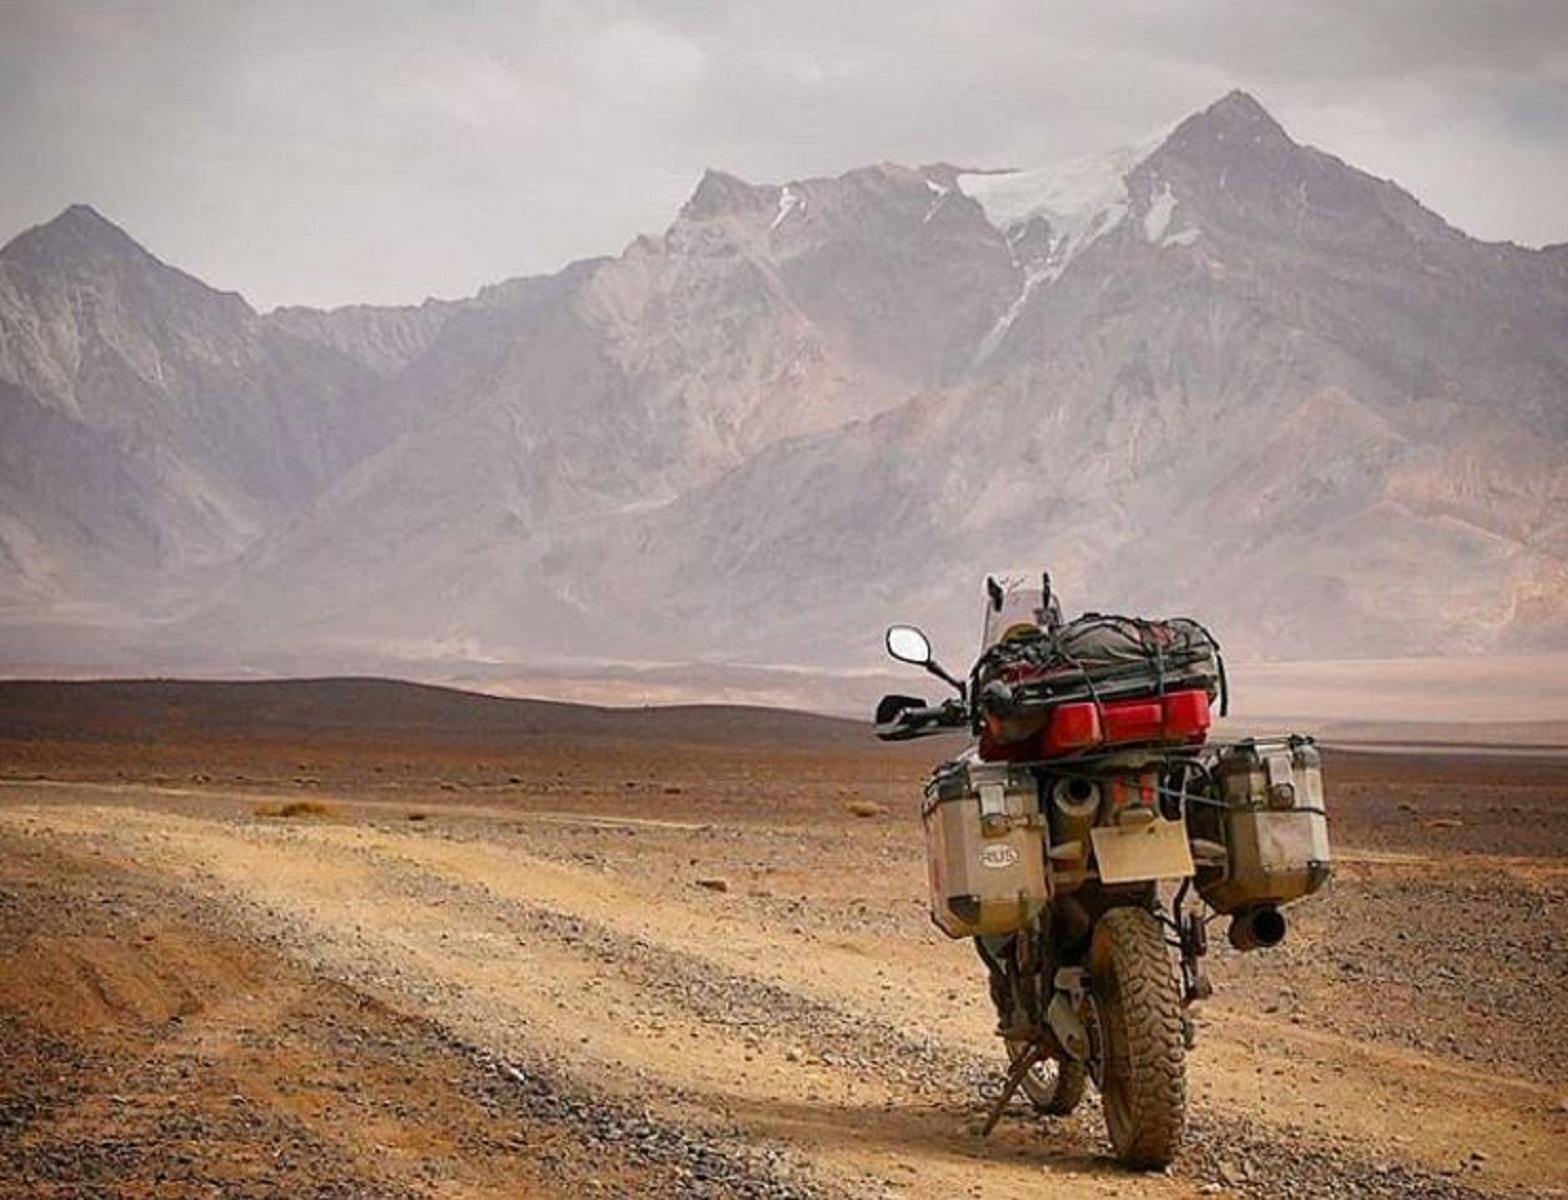 Asia on the road: alla scoperta della Pamir Highway